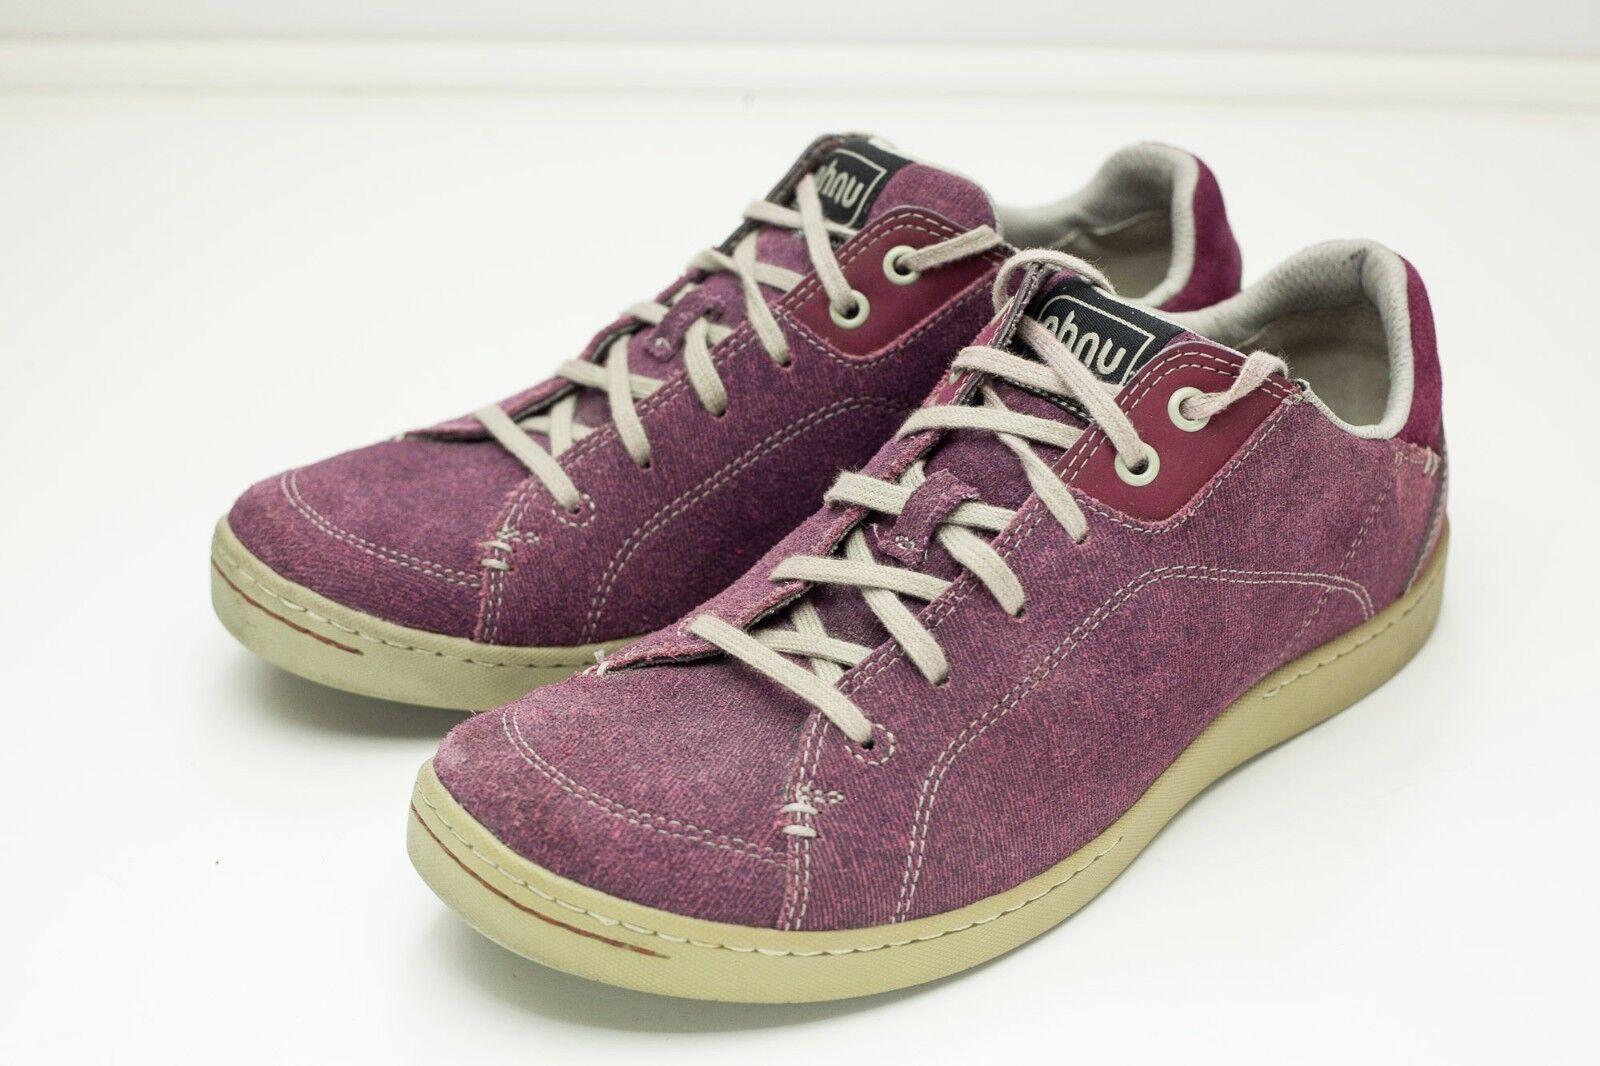 Man/Woman Ahnu 8.5 Purple Sneakers Women's bargain luxurious Caramel, gentle